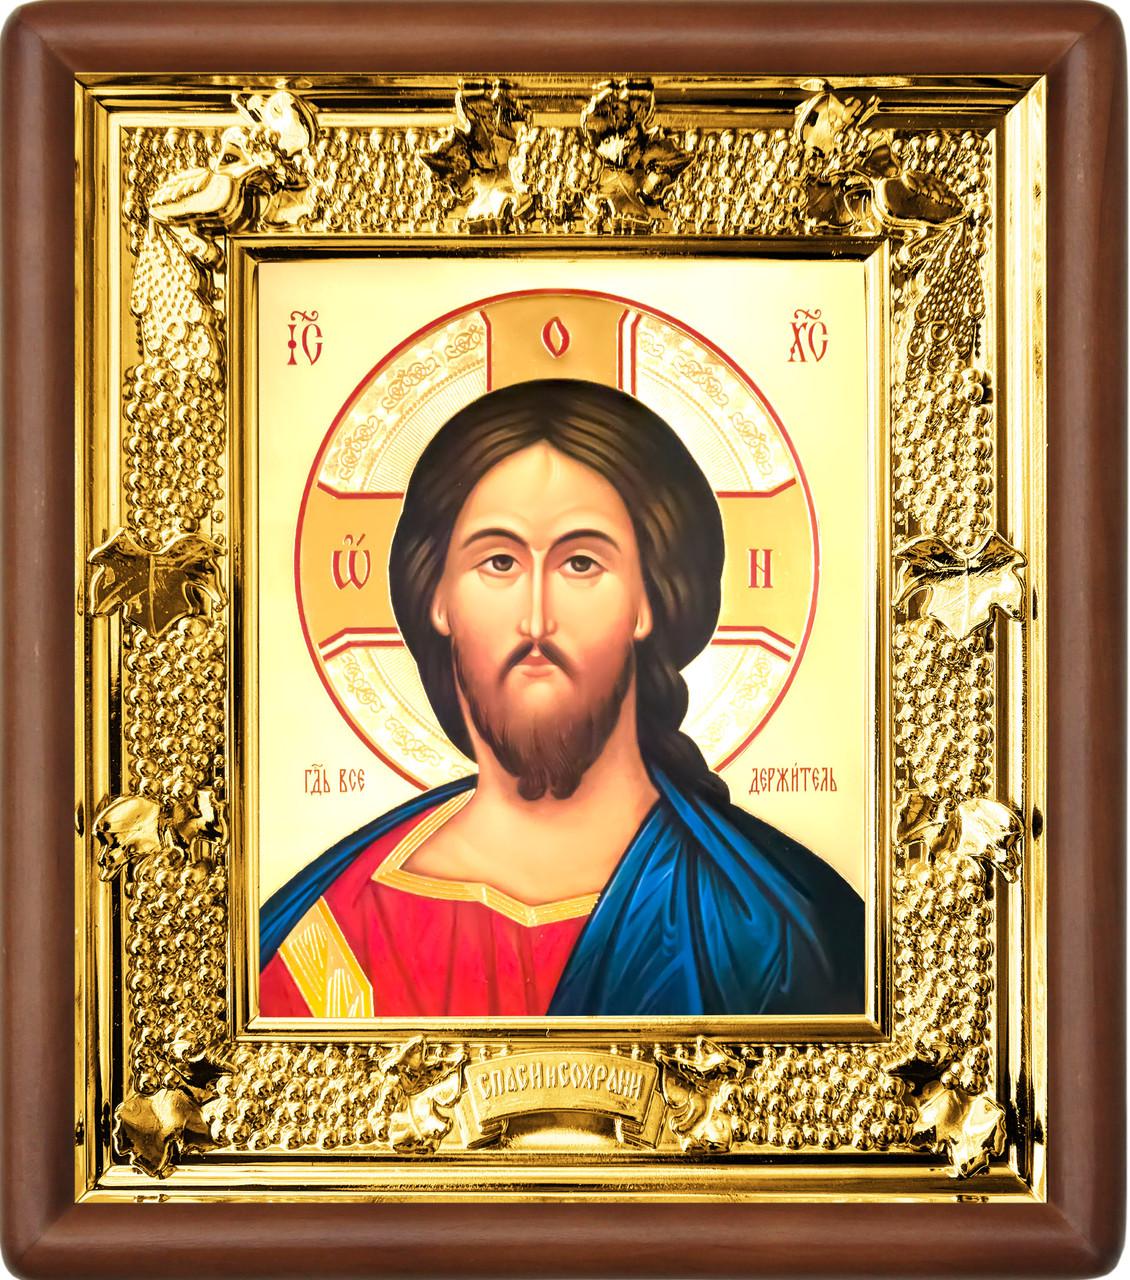 икона иисуса христа спасителя фото очень